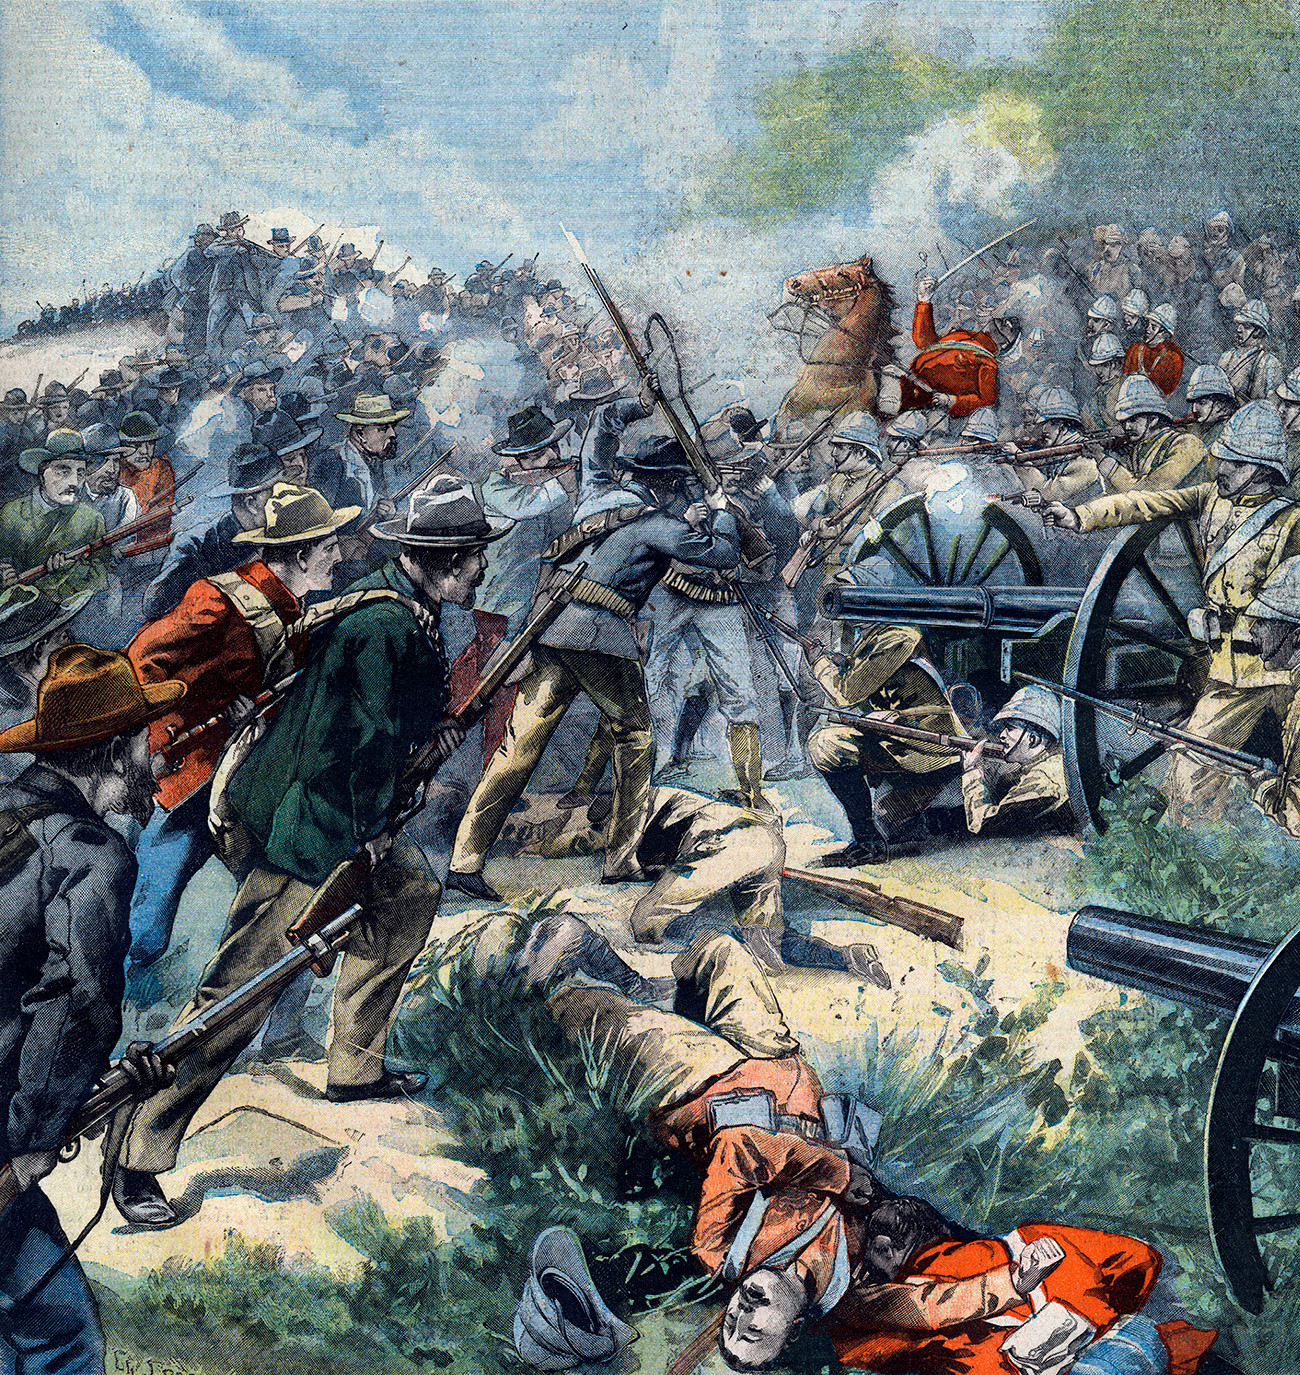 Други бурски рат у Трансвалу, пораз Енглеза у Беркелакту. Насловна страница француског листа Le Petit Parisien, 17. новембар 1901.